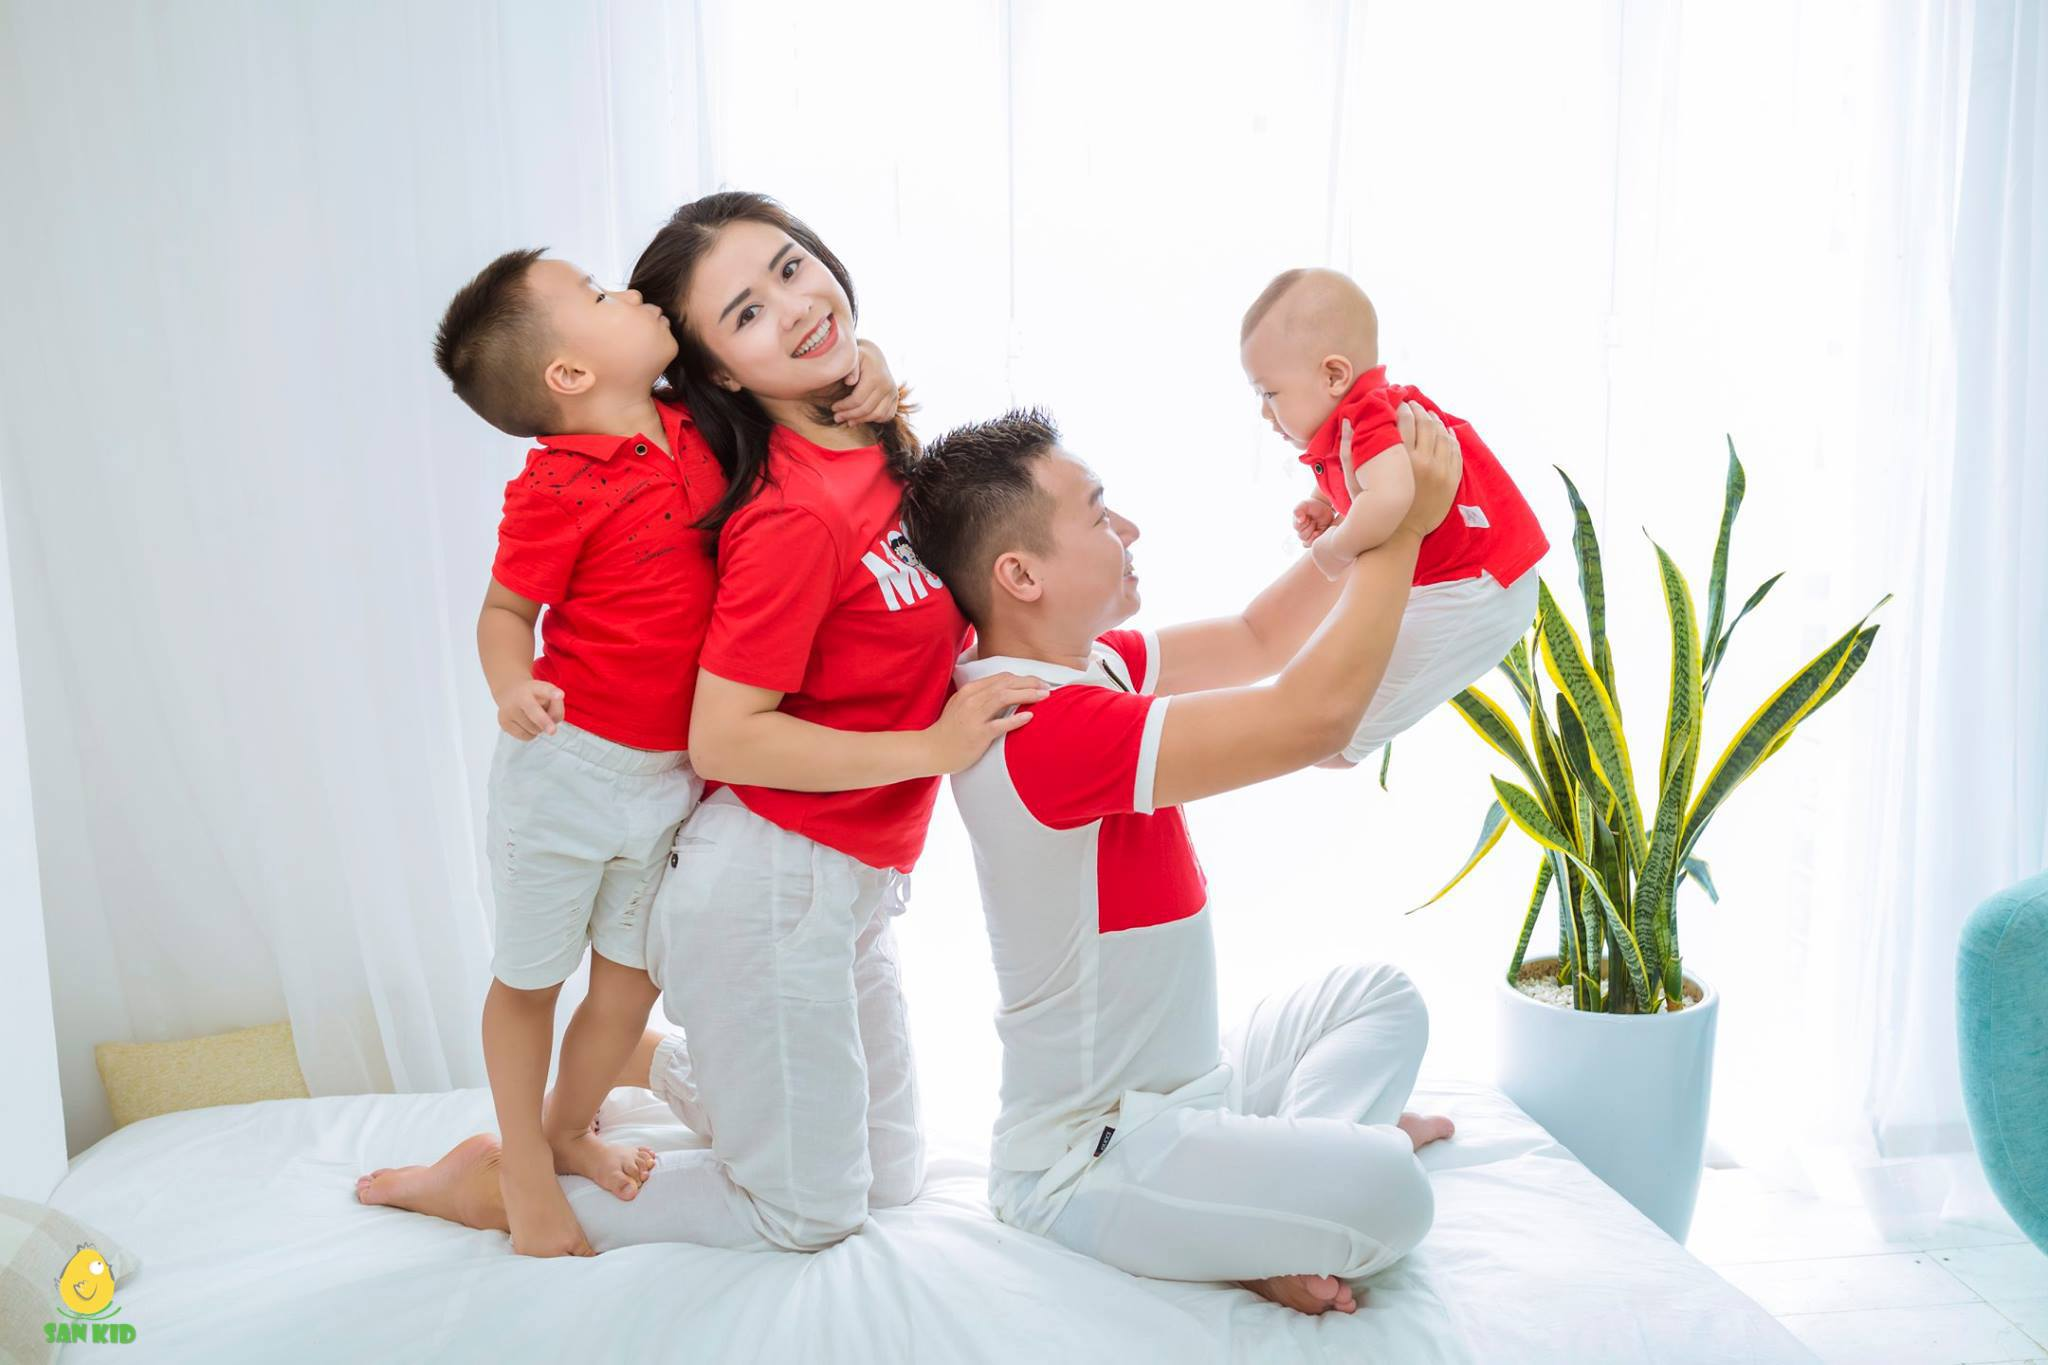 Chụp hình cho gia đình